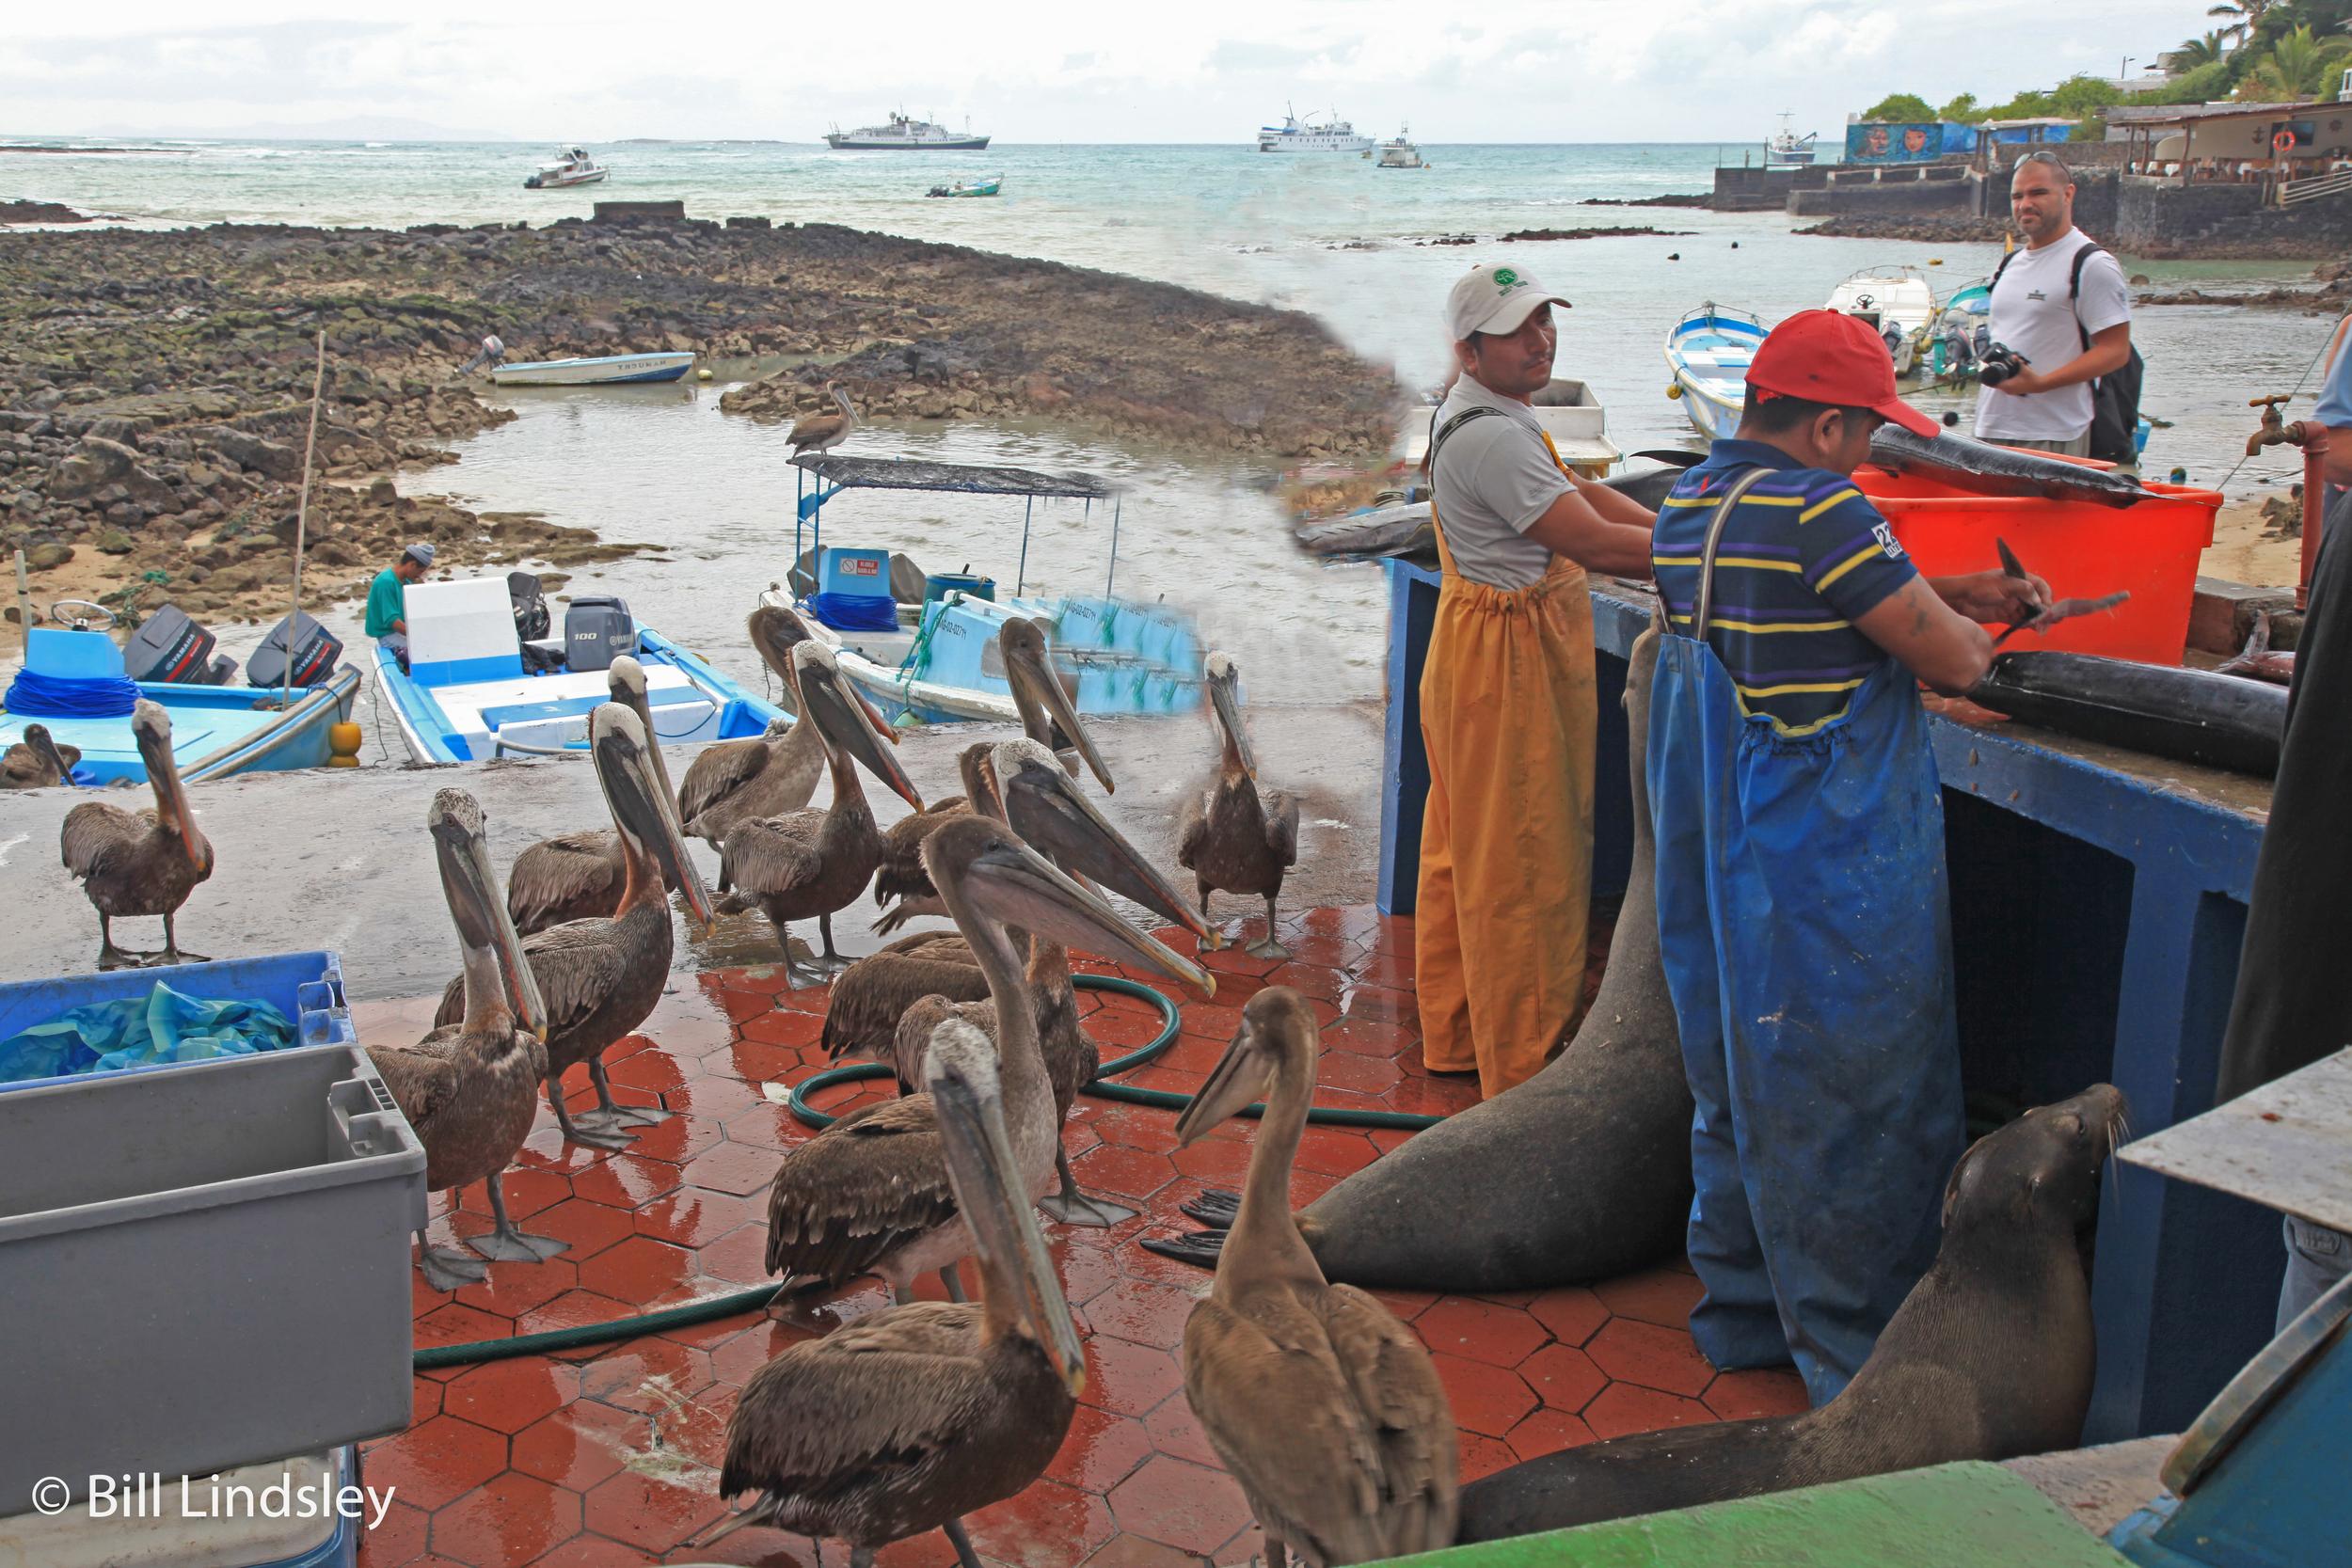 Puerto Ayora, Santa Cruz, Galapagos